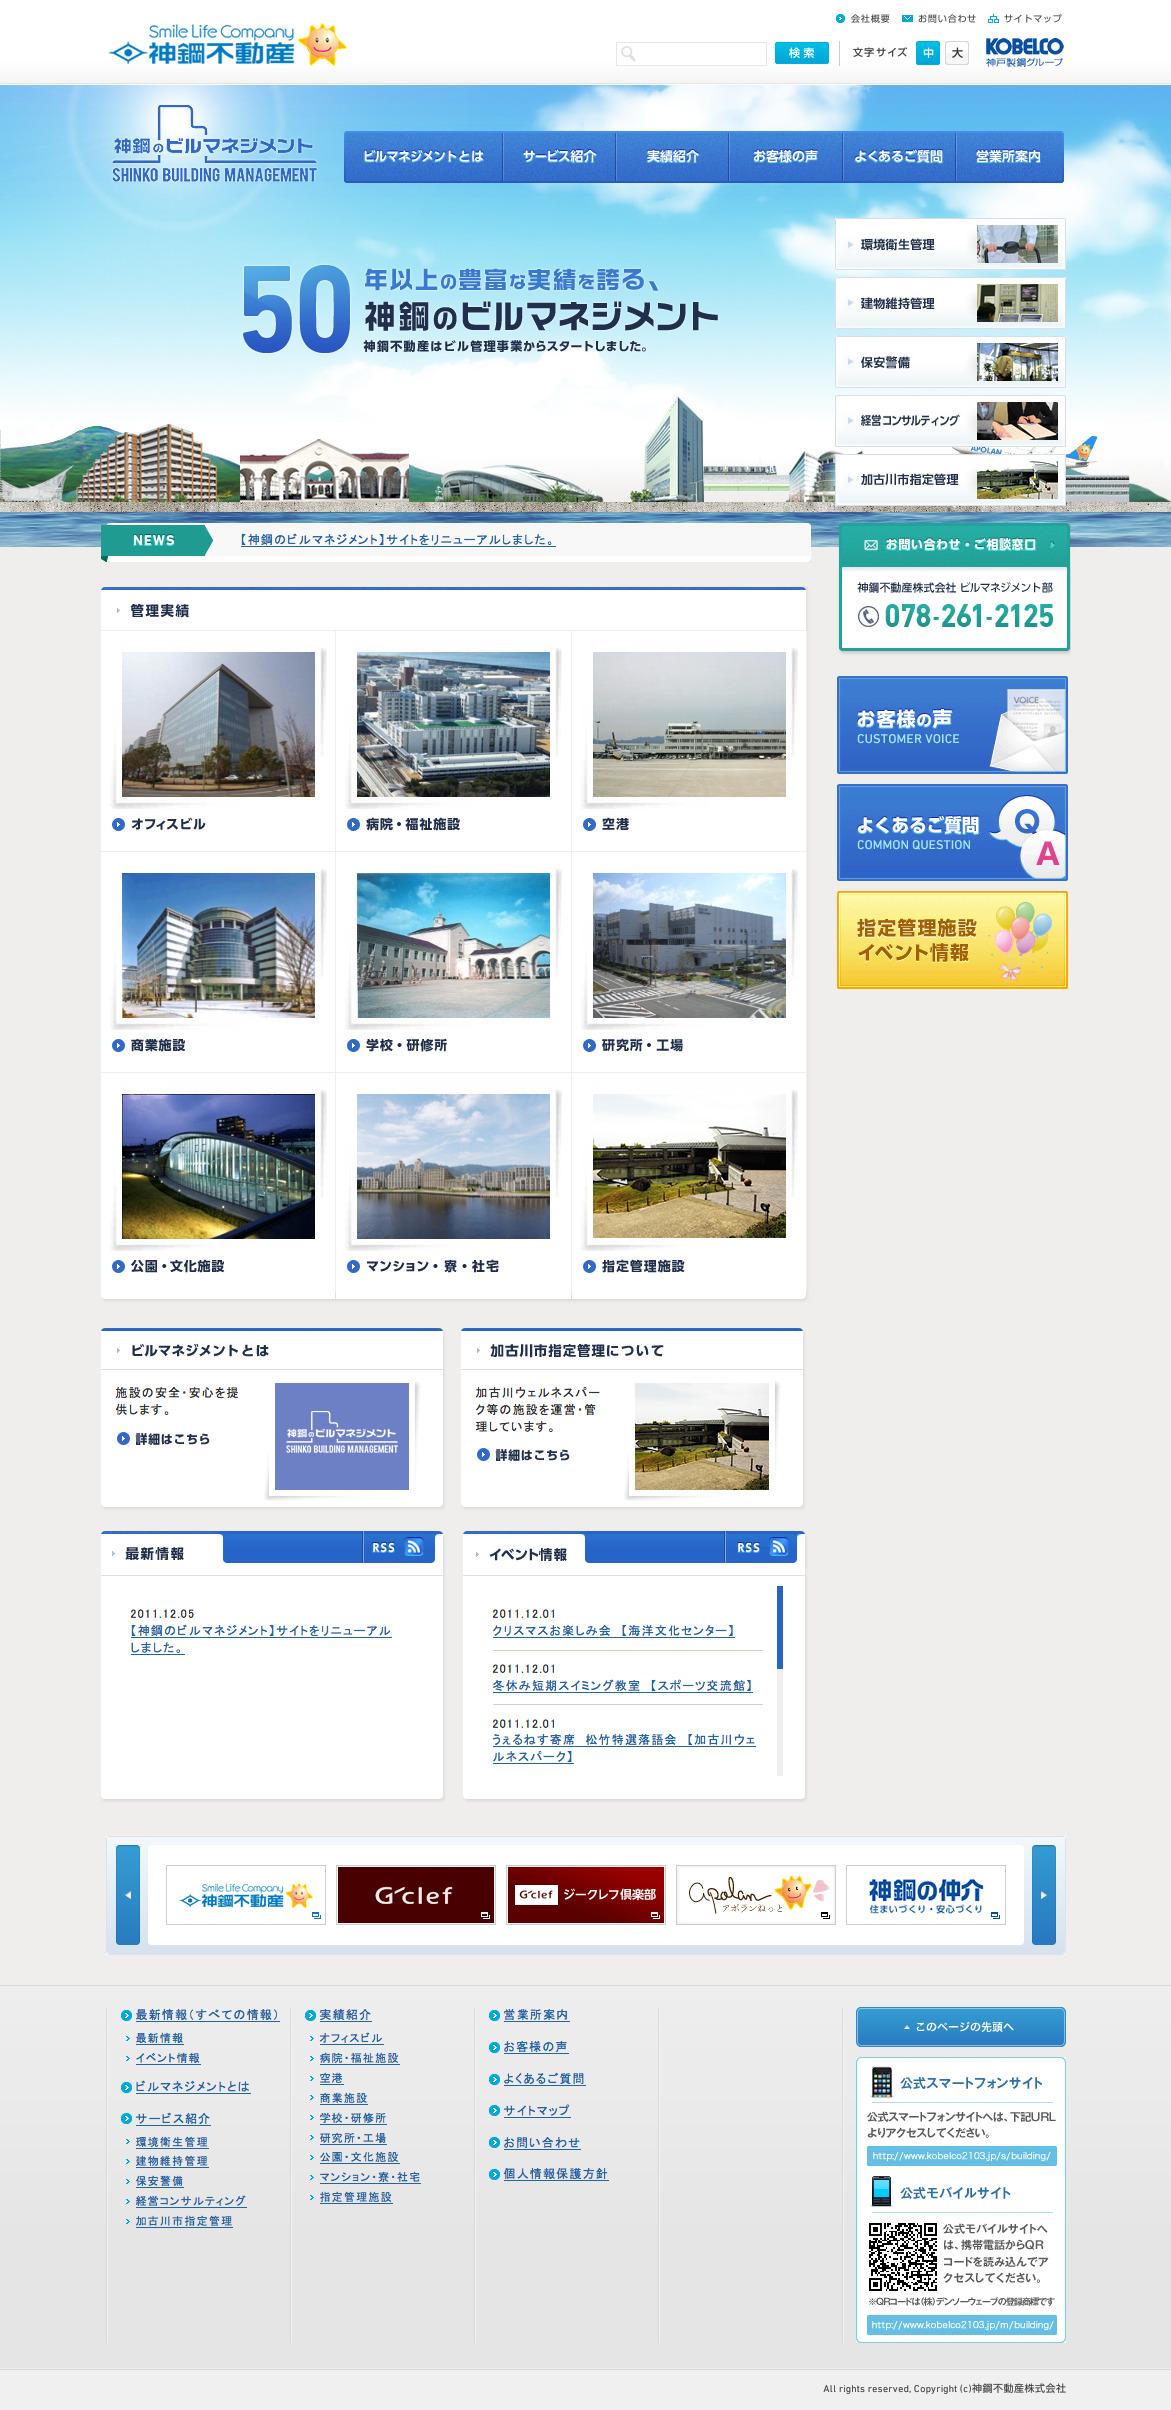 神鋼のビルマネジメント  神鋼不動産株式会社